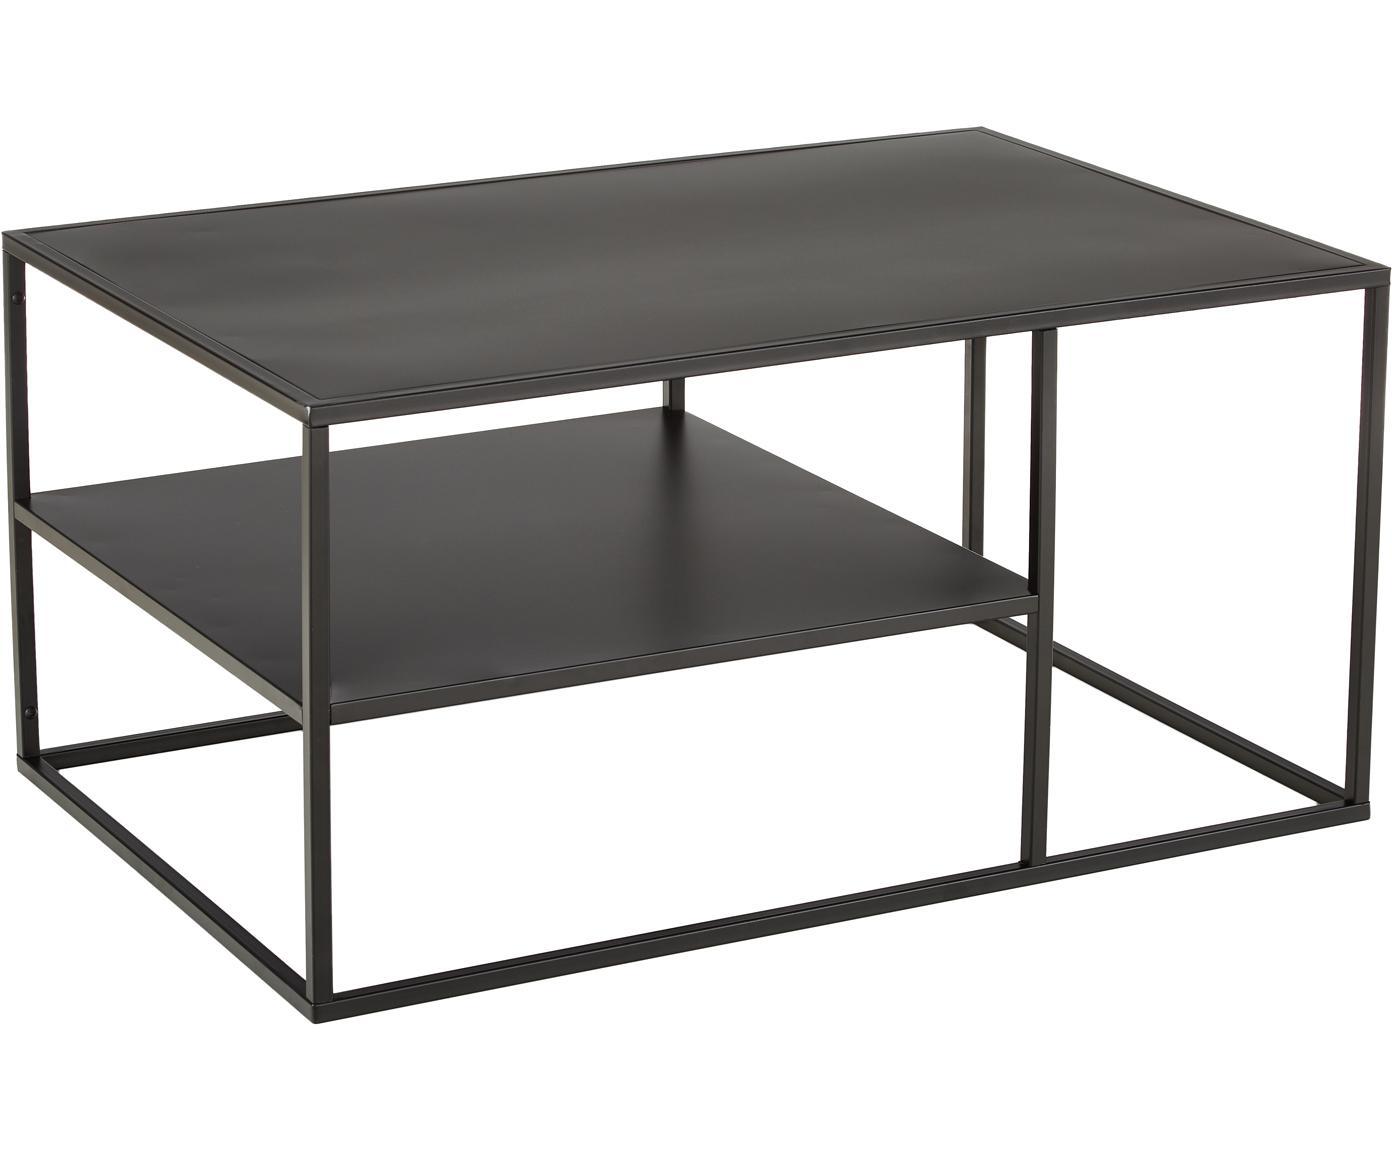 Mesa de centro de metal Newton, Metal con pintura en polvo, Negro, An 90 x F 60 cm